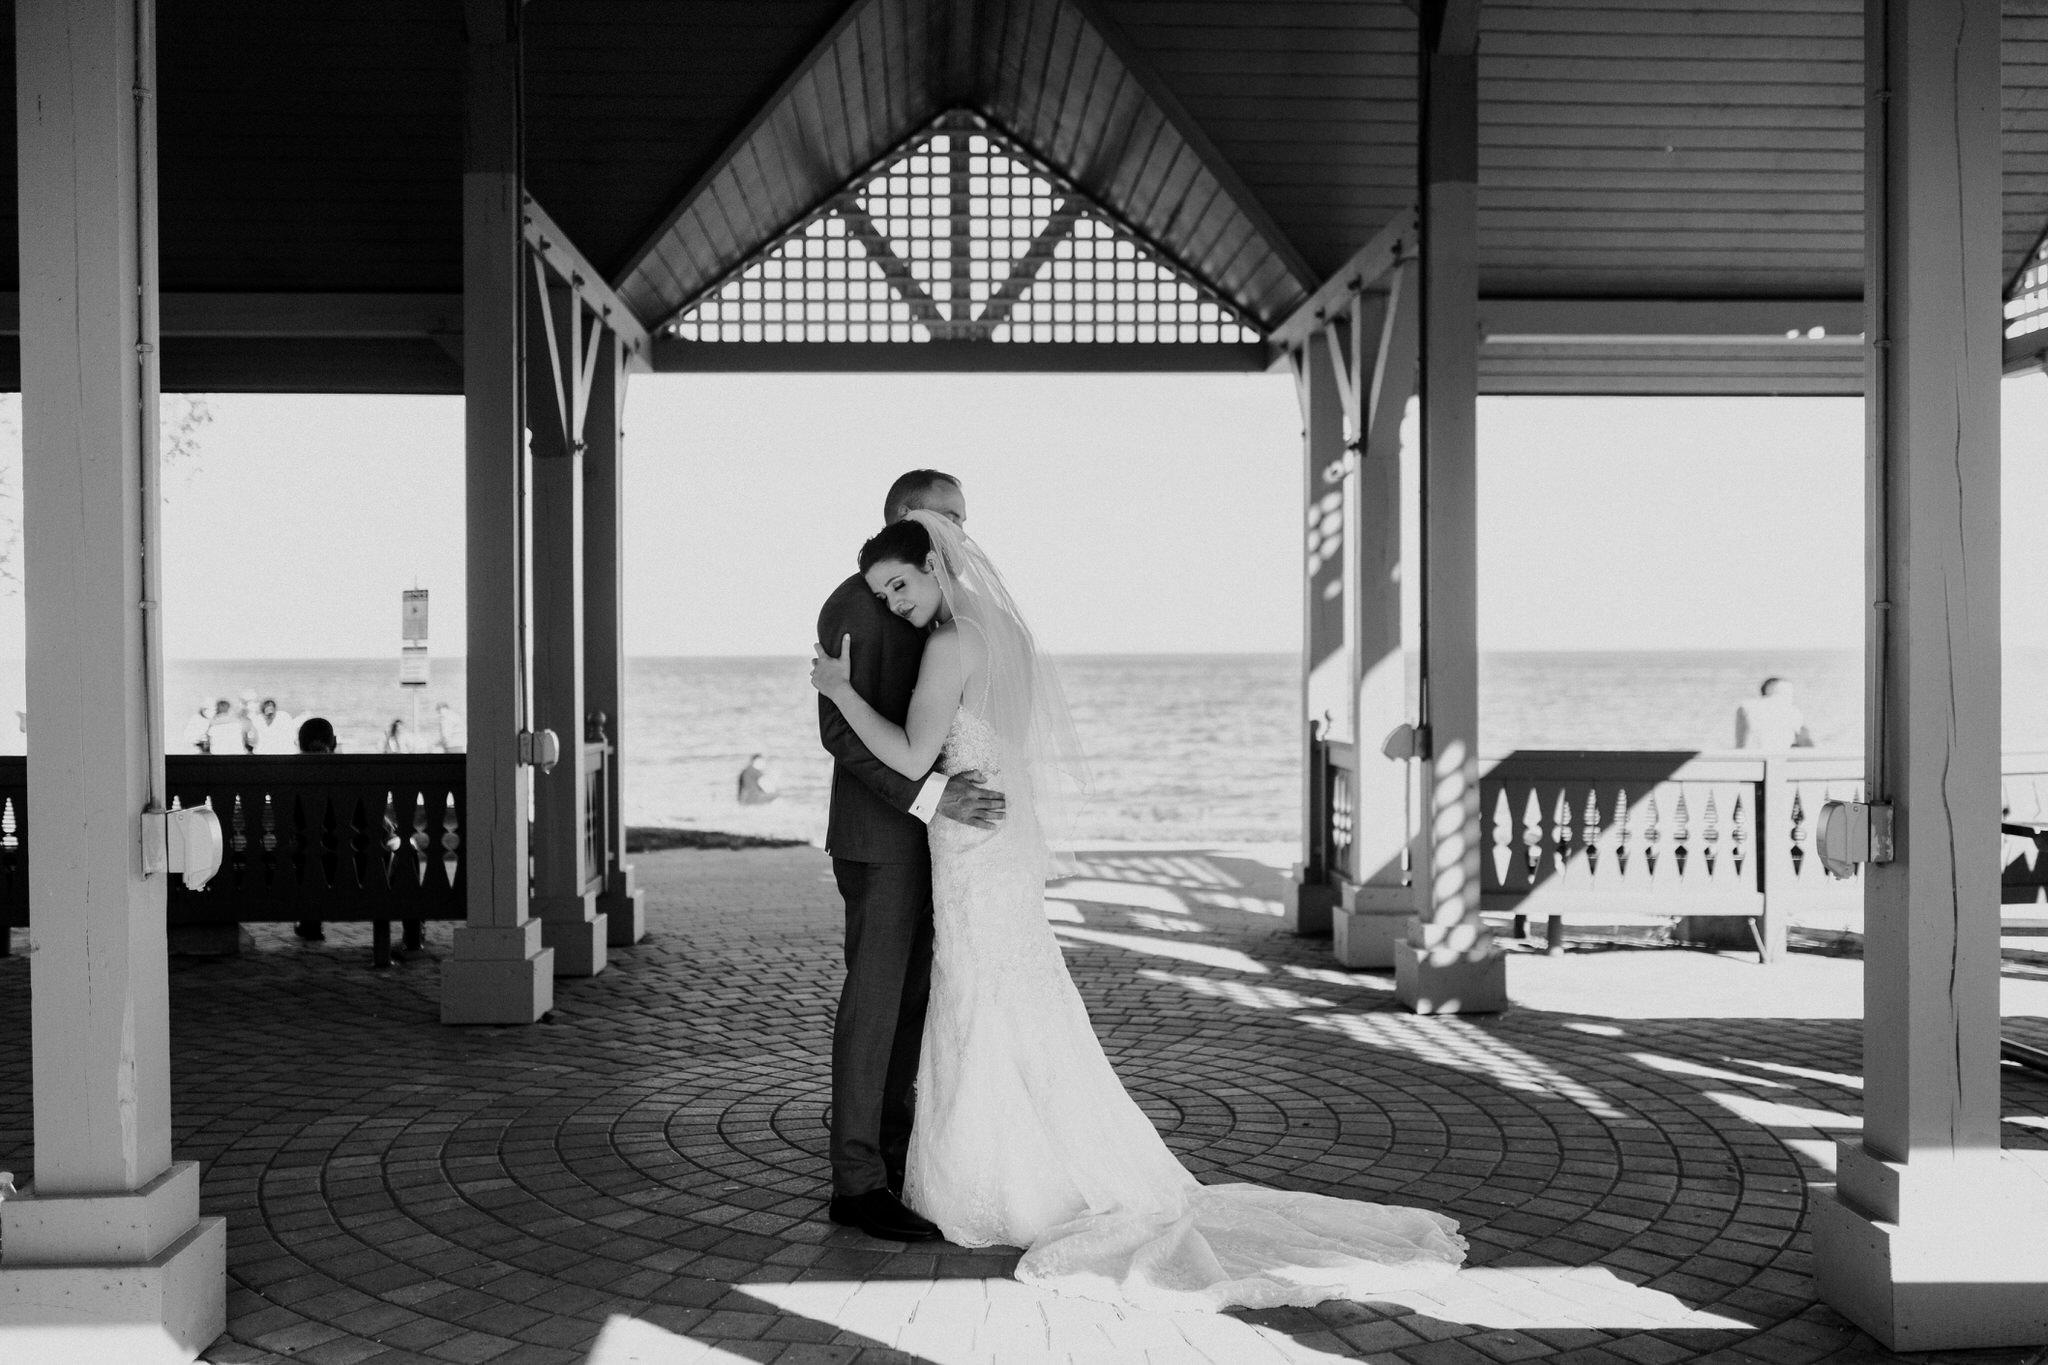 Brock Street Brewery Wedding - bride and groom hugging